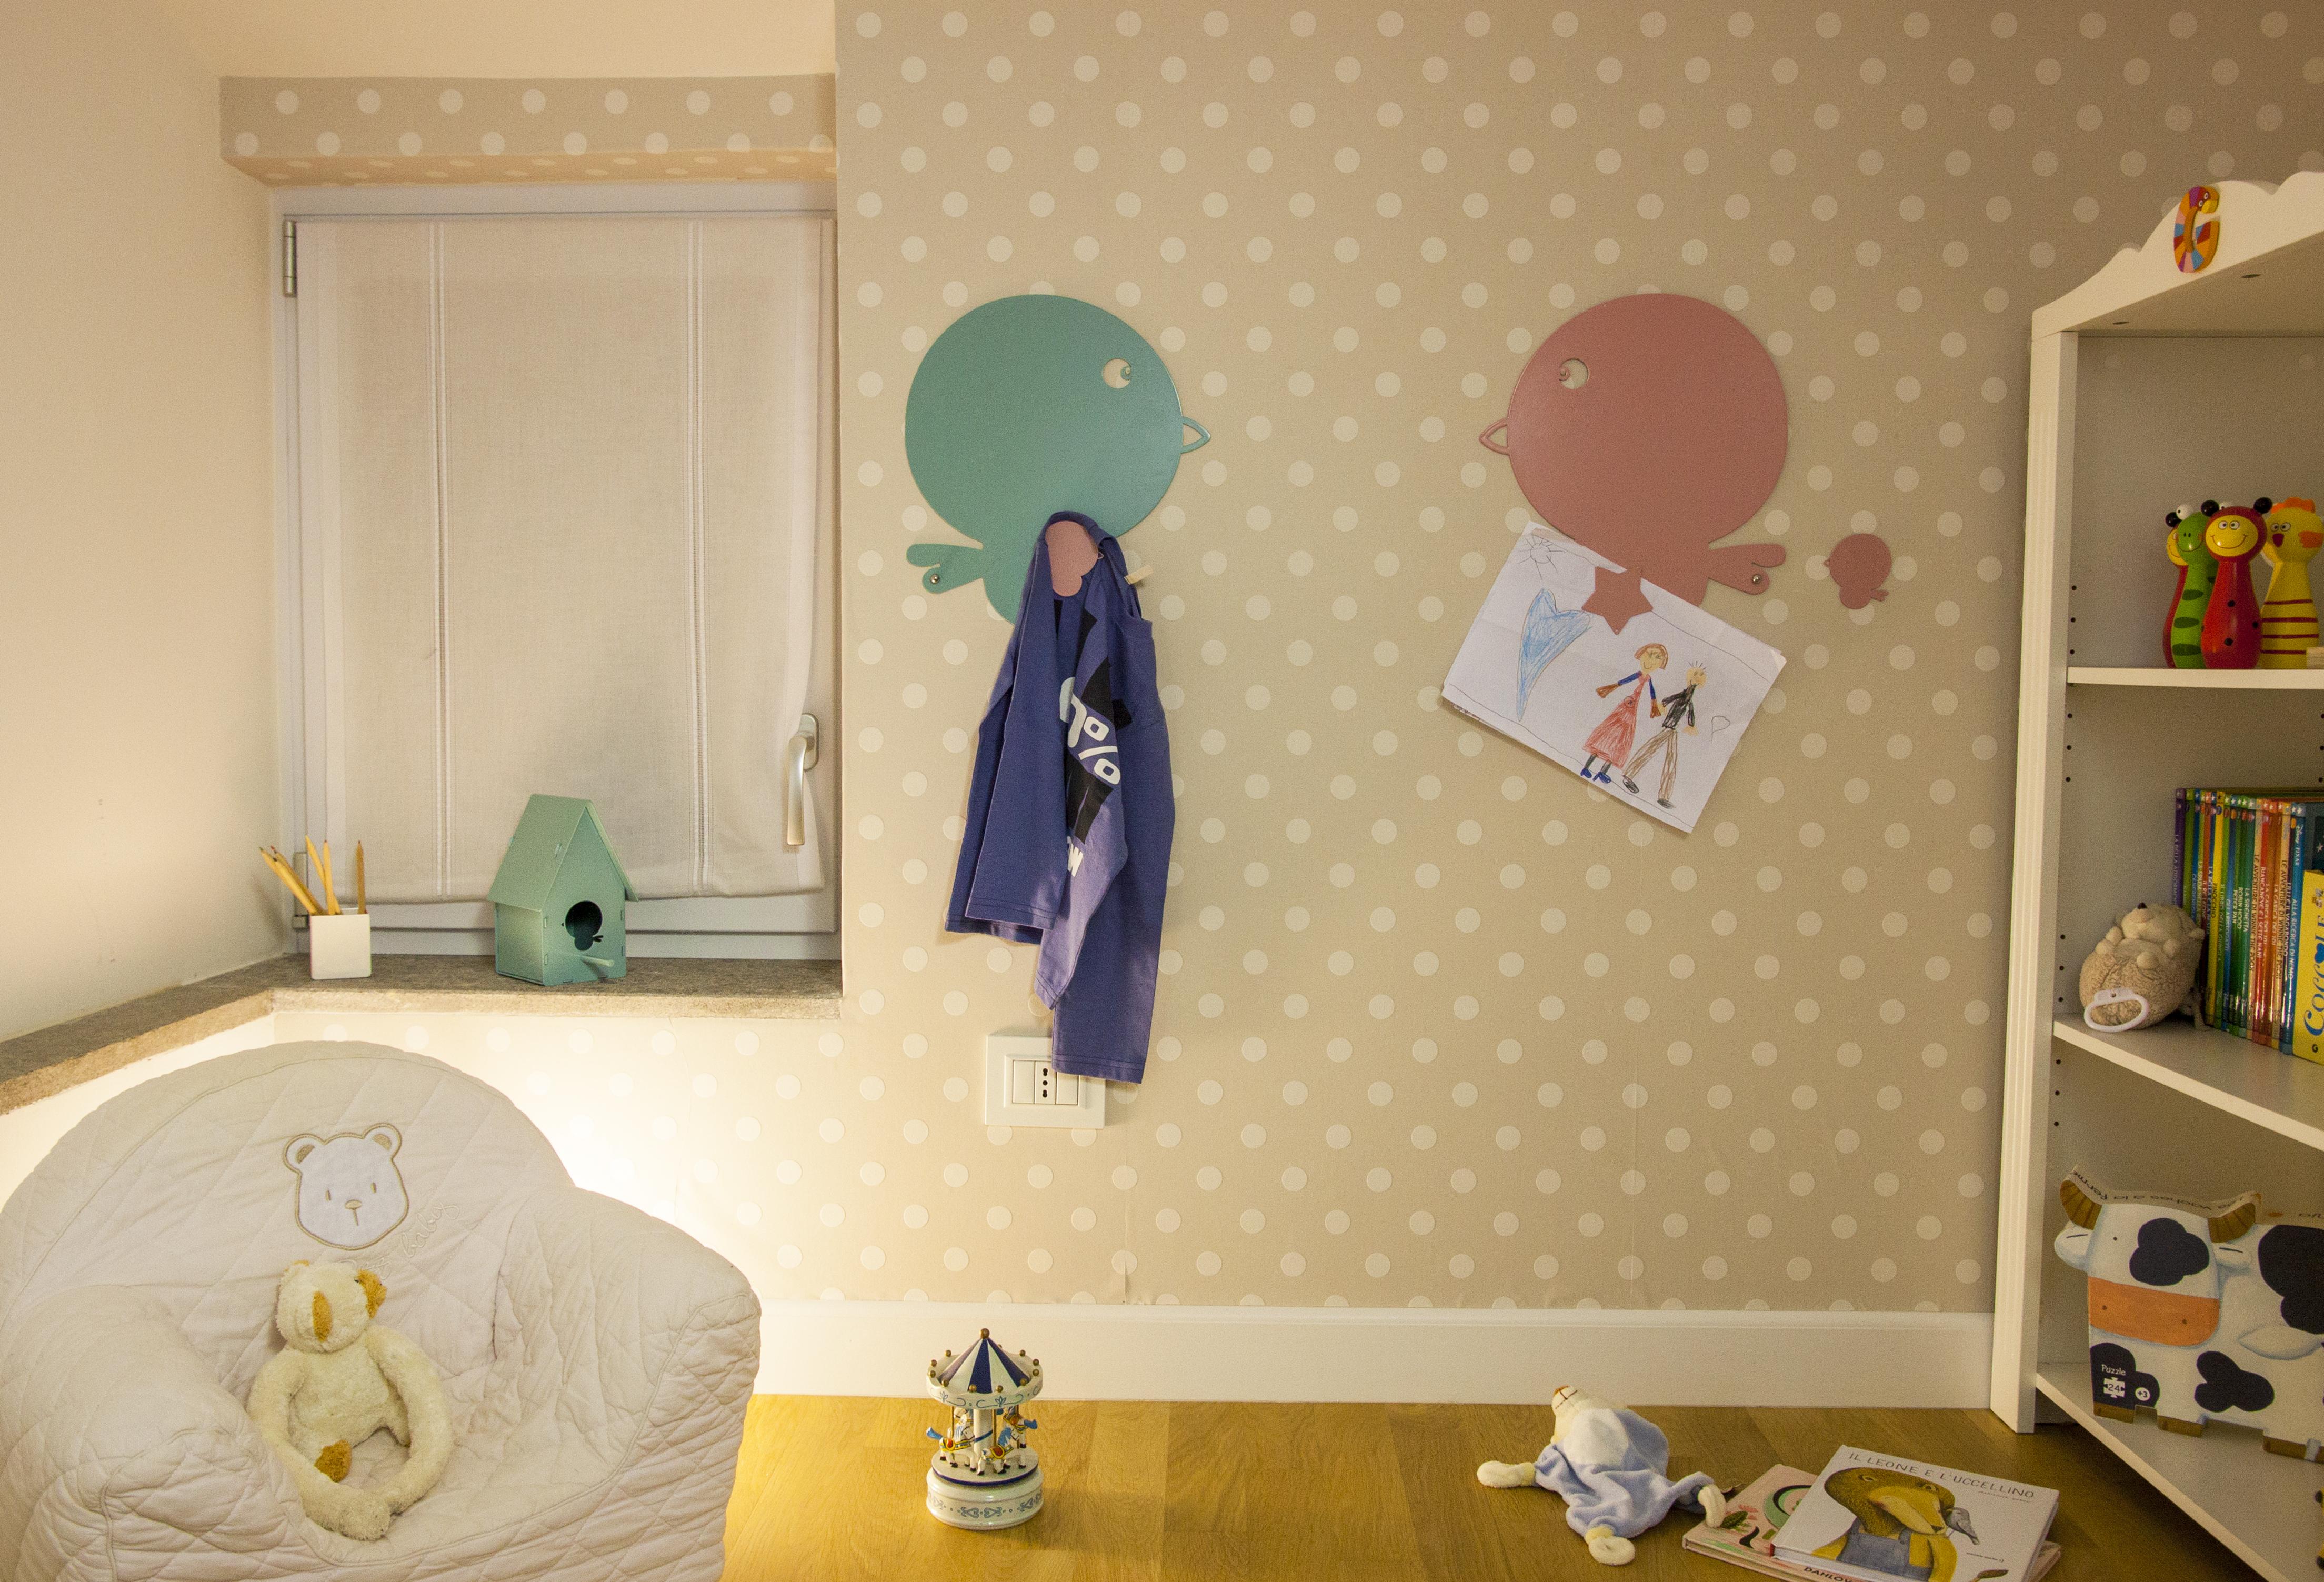 Come arredare una cameretta idee a misura di bambino - Porta merenda bimbi ...